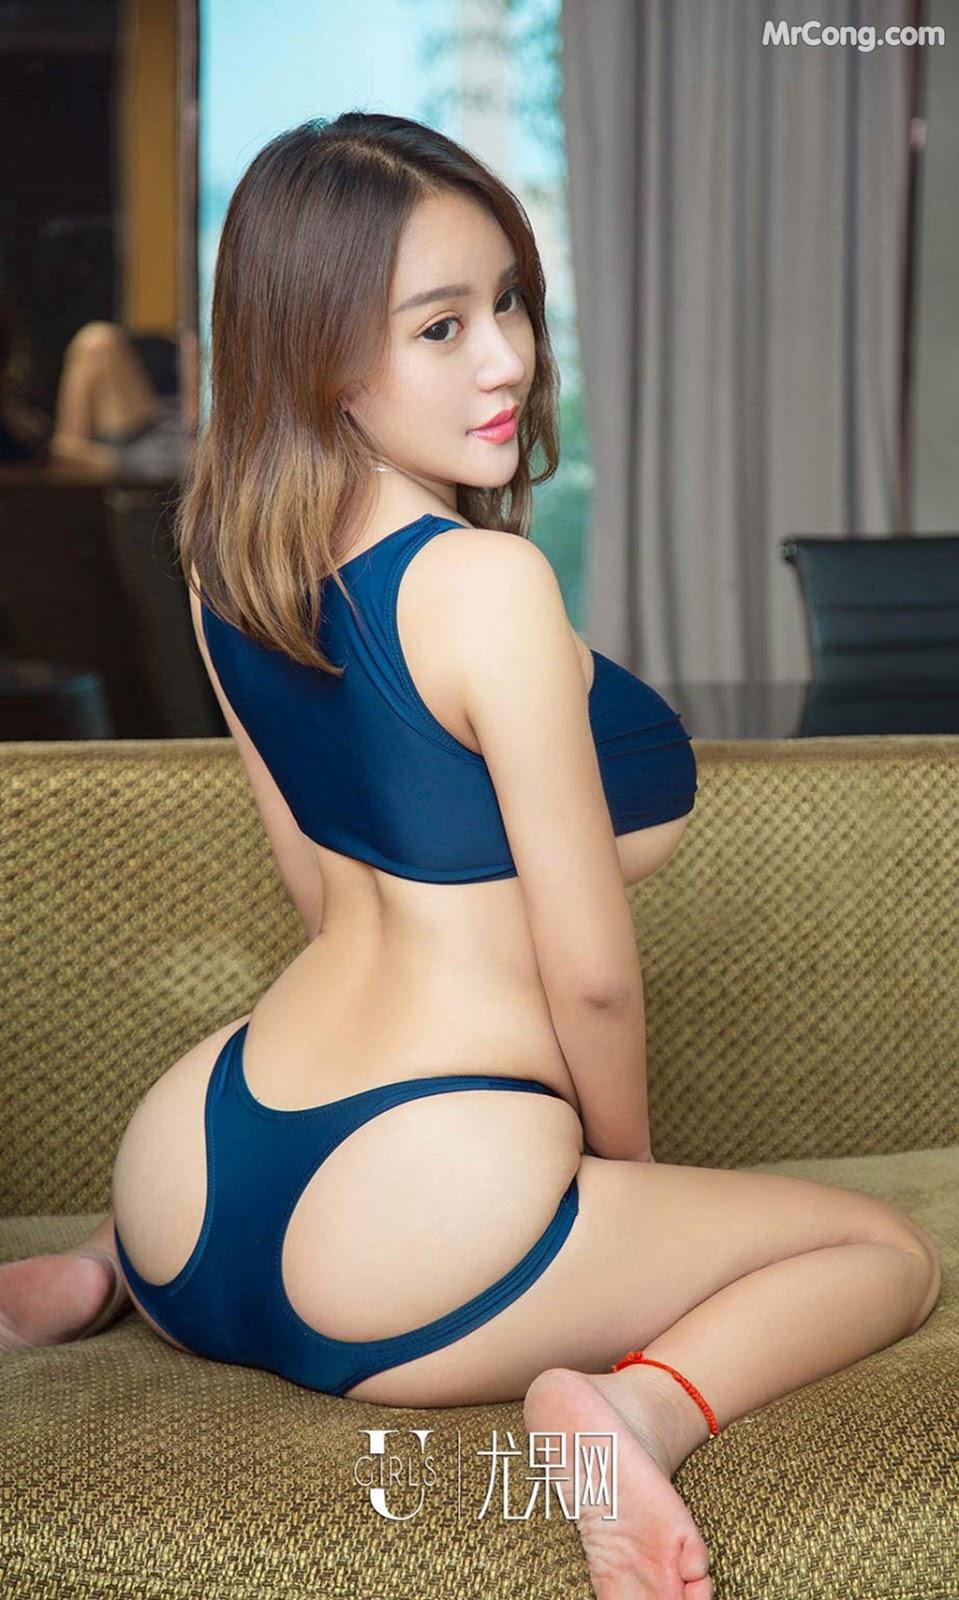 Image UGIRLS-Ai-You-Wu-App-No.913-Xiao-Meng-Meng-MrCong.com-029 in post UGIRLS – Ai You Wu App No.913: Người mẫu Xiao Meng Meng (小梦梦) (40 ảnh)